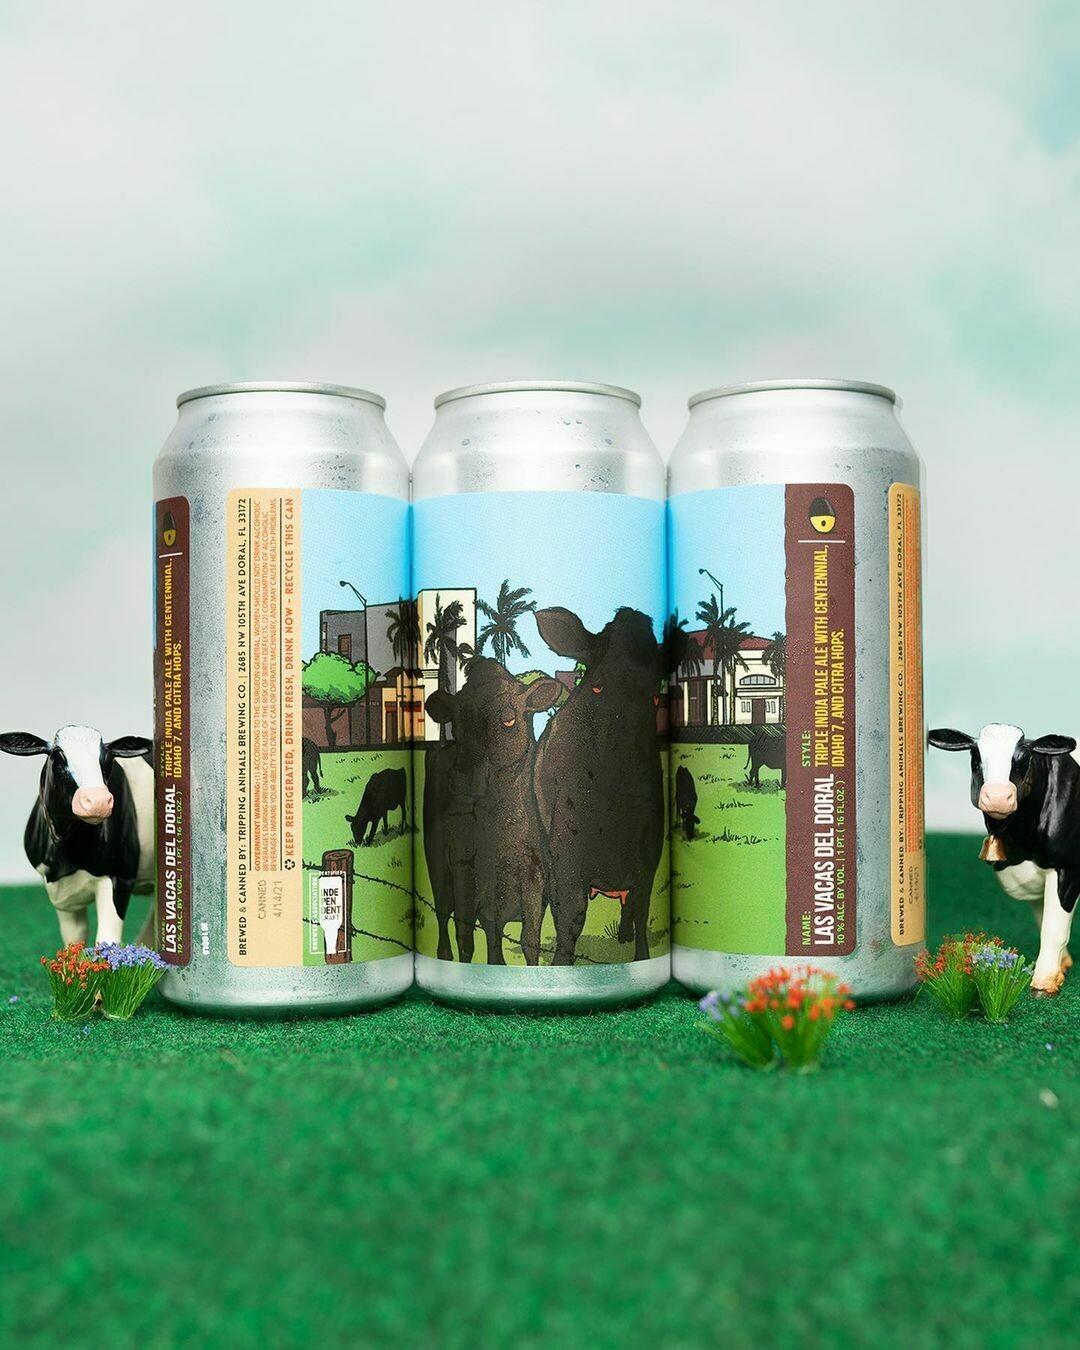 Tripping Animals Brewing Las Vacas del Doral Triple IPA (4-PACK)